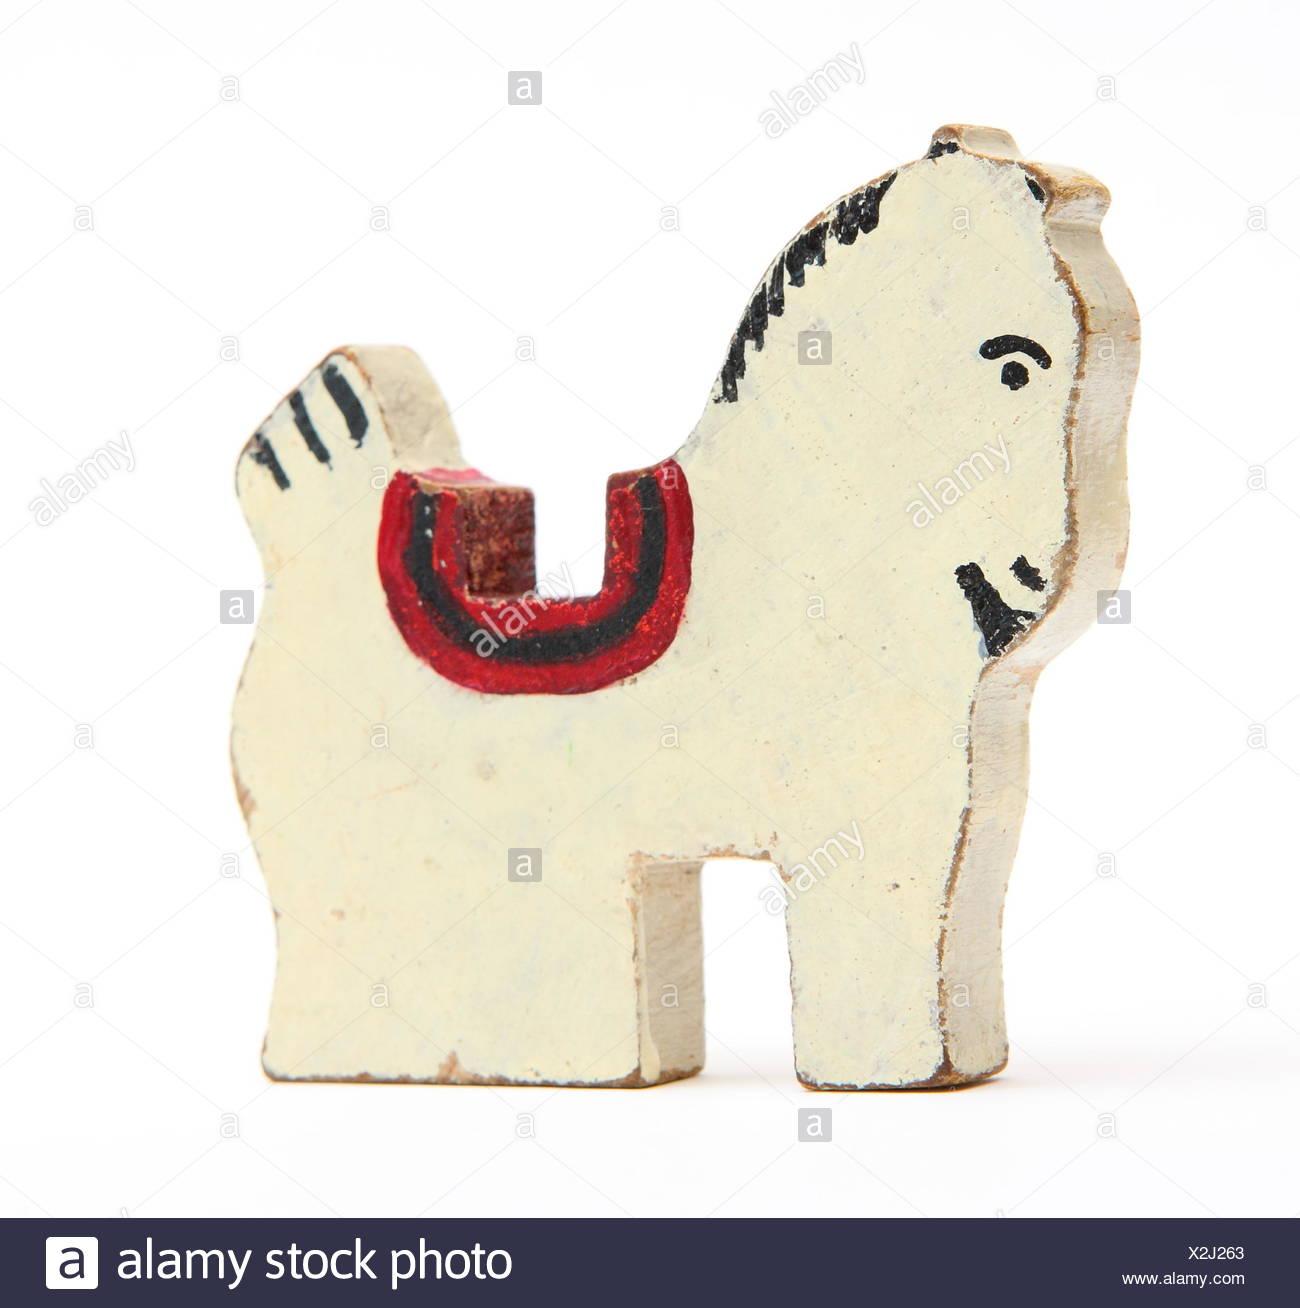 Cavallo Di Legno Immagini & Cavallo Di Legno Fotos Stock Alamy